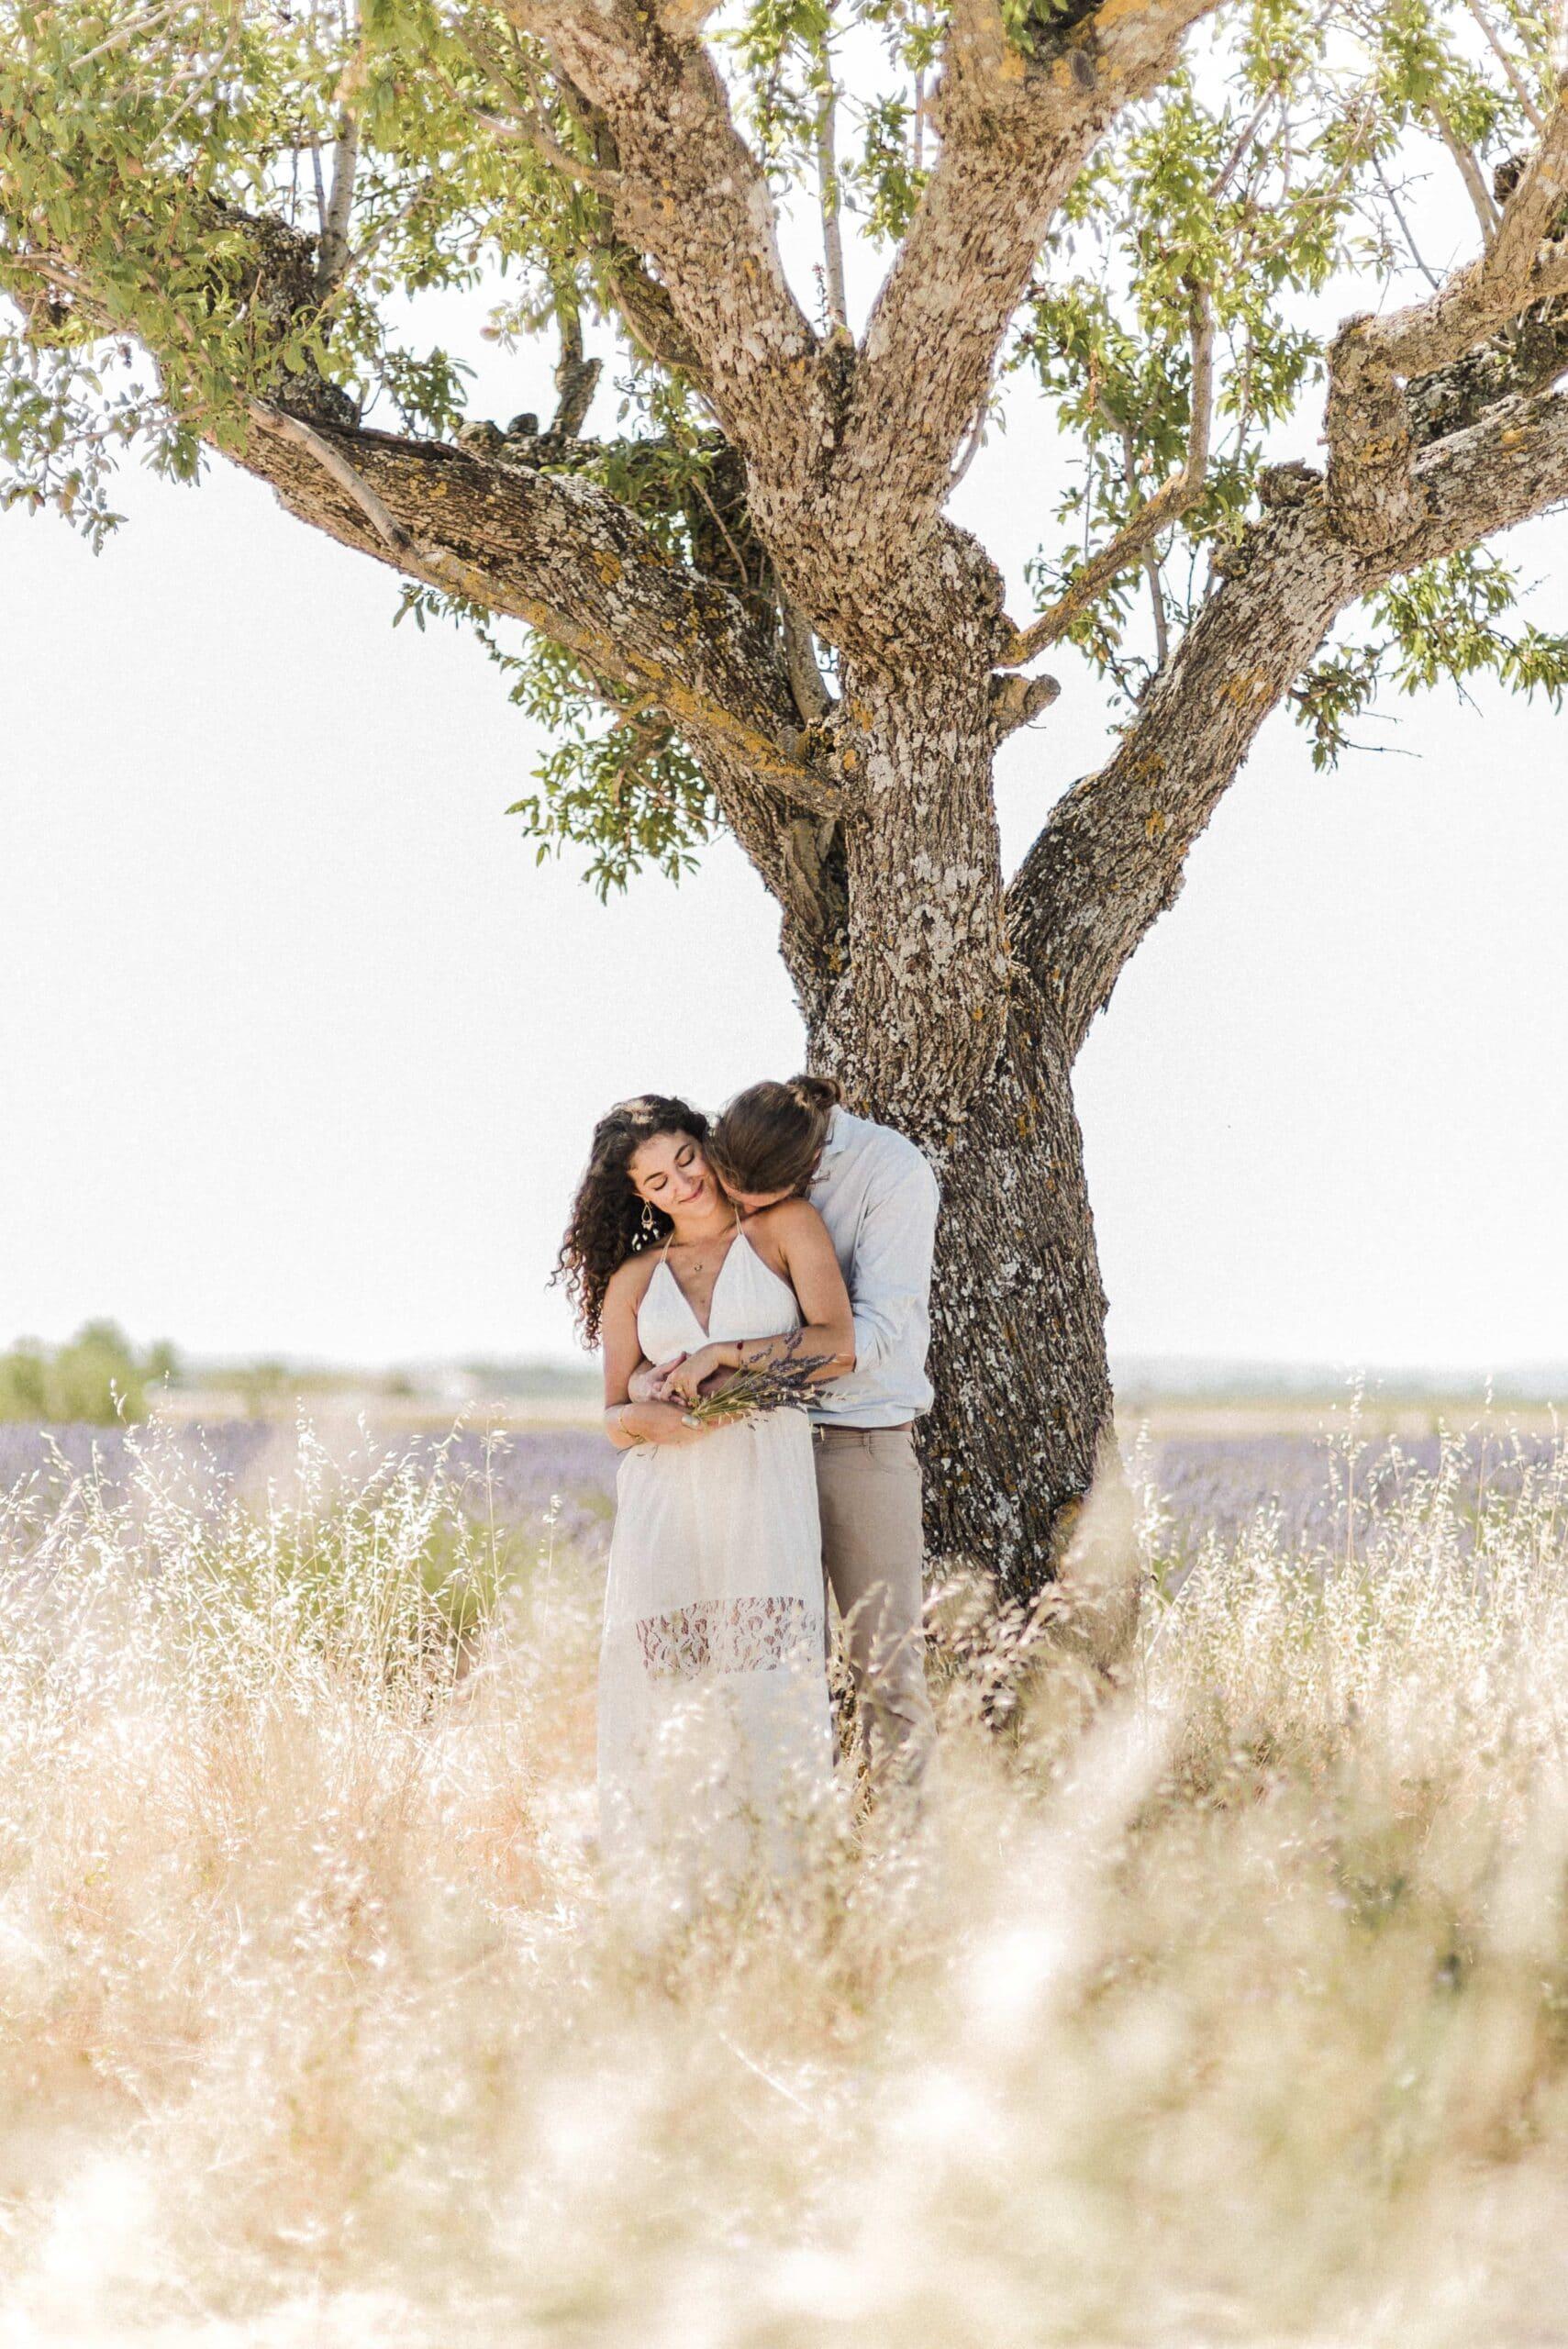 séance photo dans les lavandes - lavenderfield - séane complicité Mégane Schultz Photographe © -2052-nHD